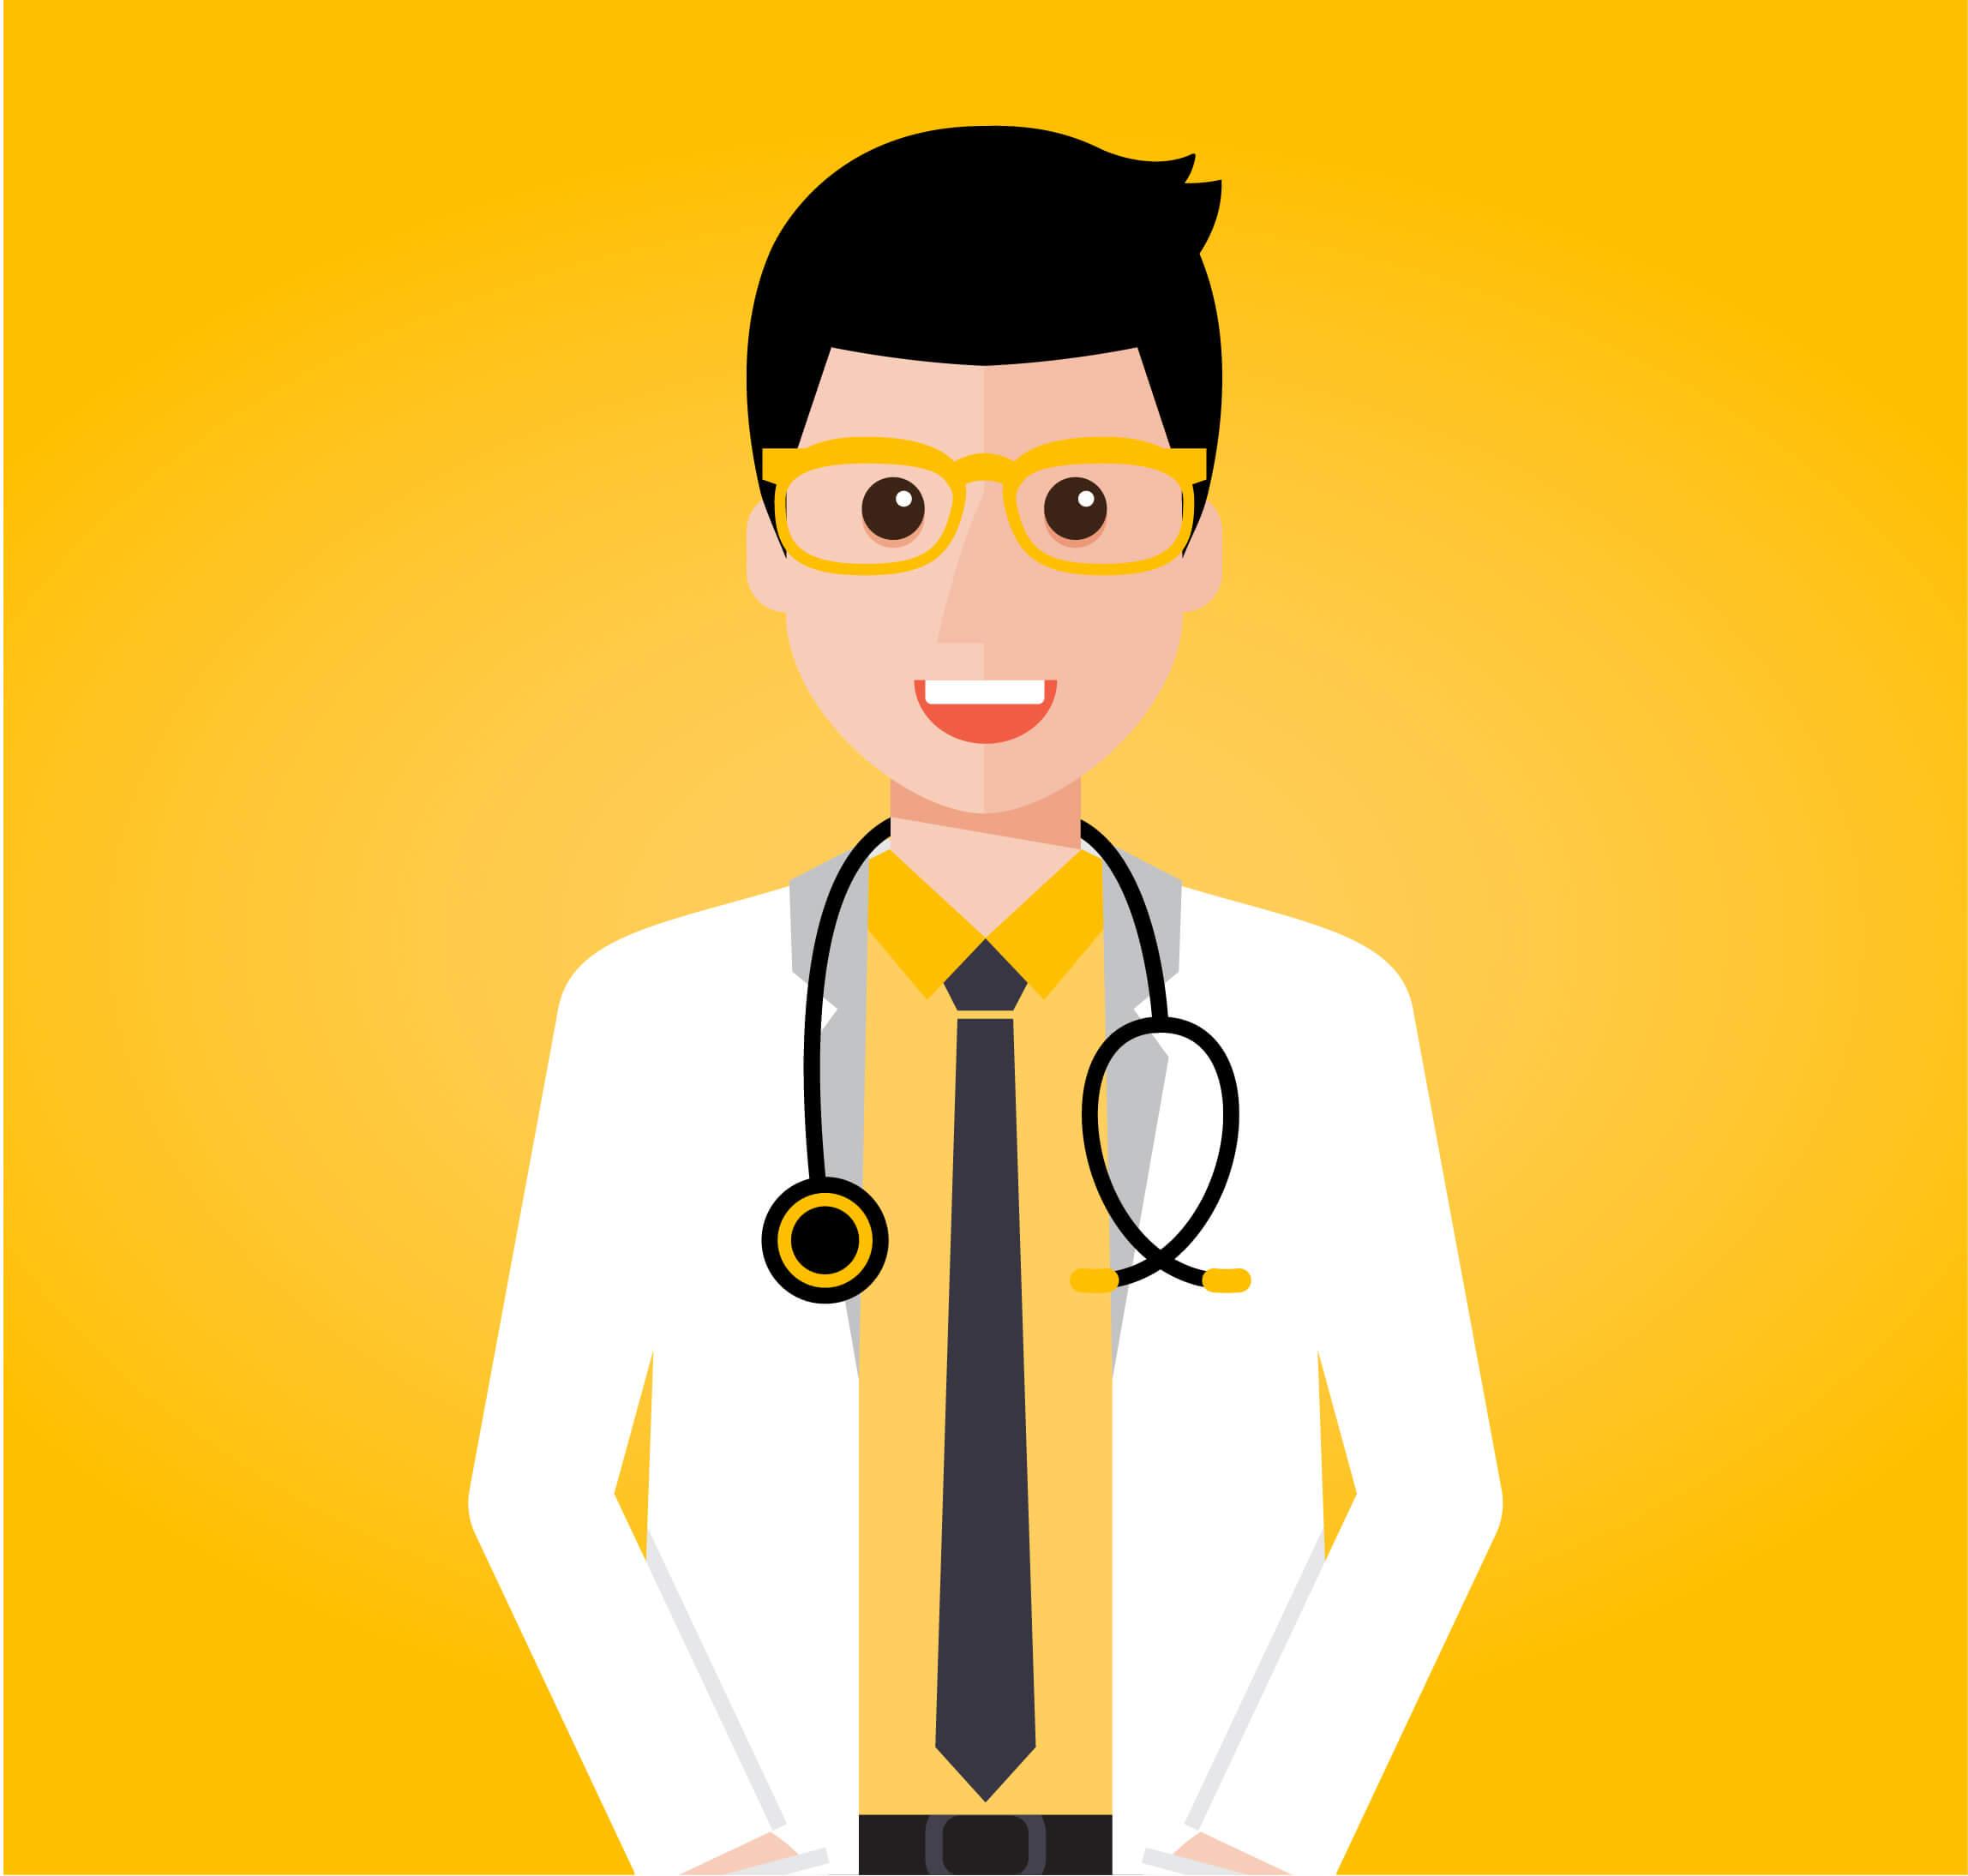 Dr. Hugo Araki